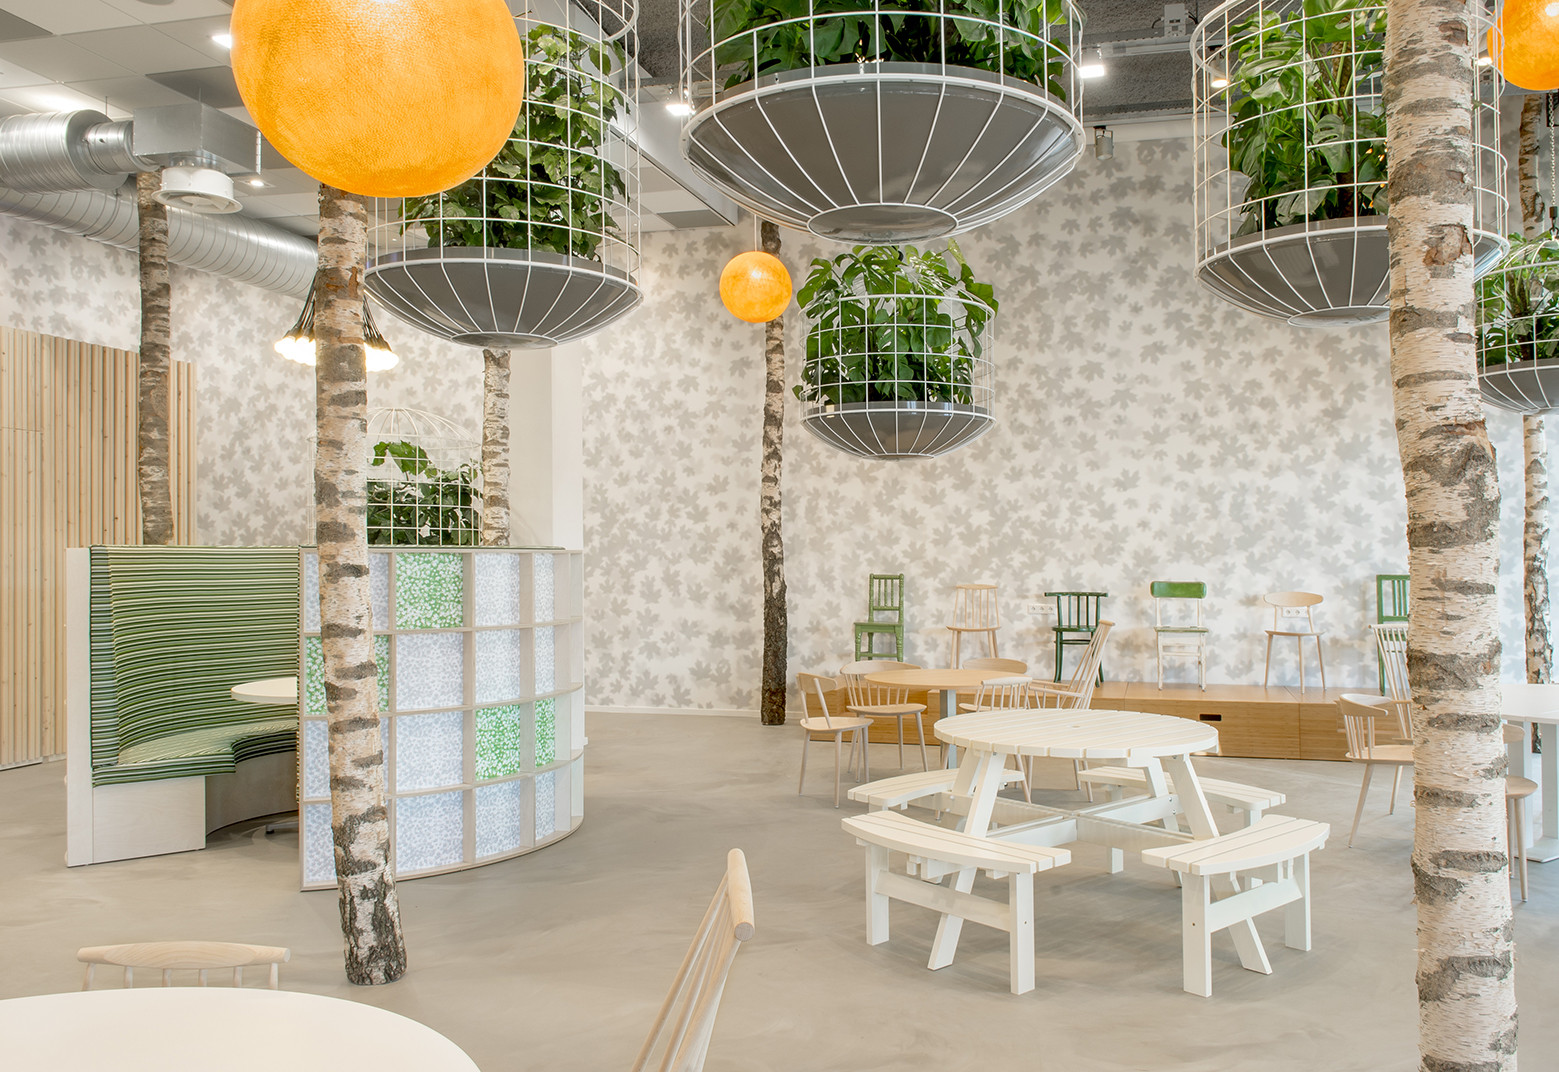 PARK-T公园全案餐厅就餐区设计